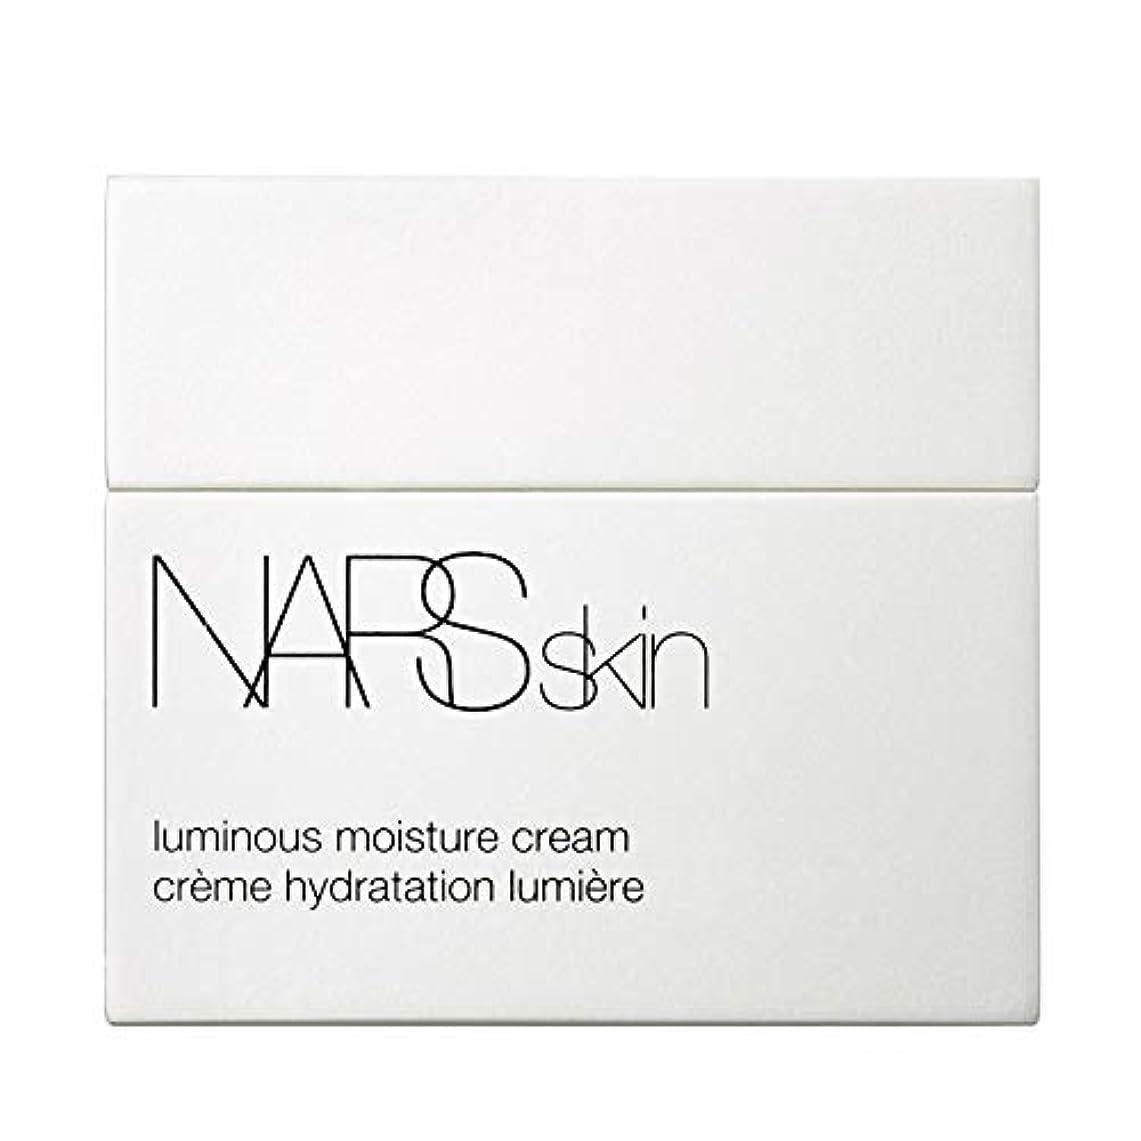 横たわるフロント固執[NARS] Narは発光水分クリーム - Nars Luminous Moisture Cream [並行輸入品]